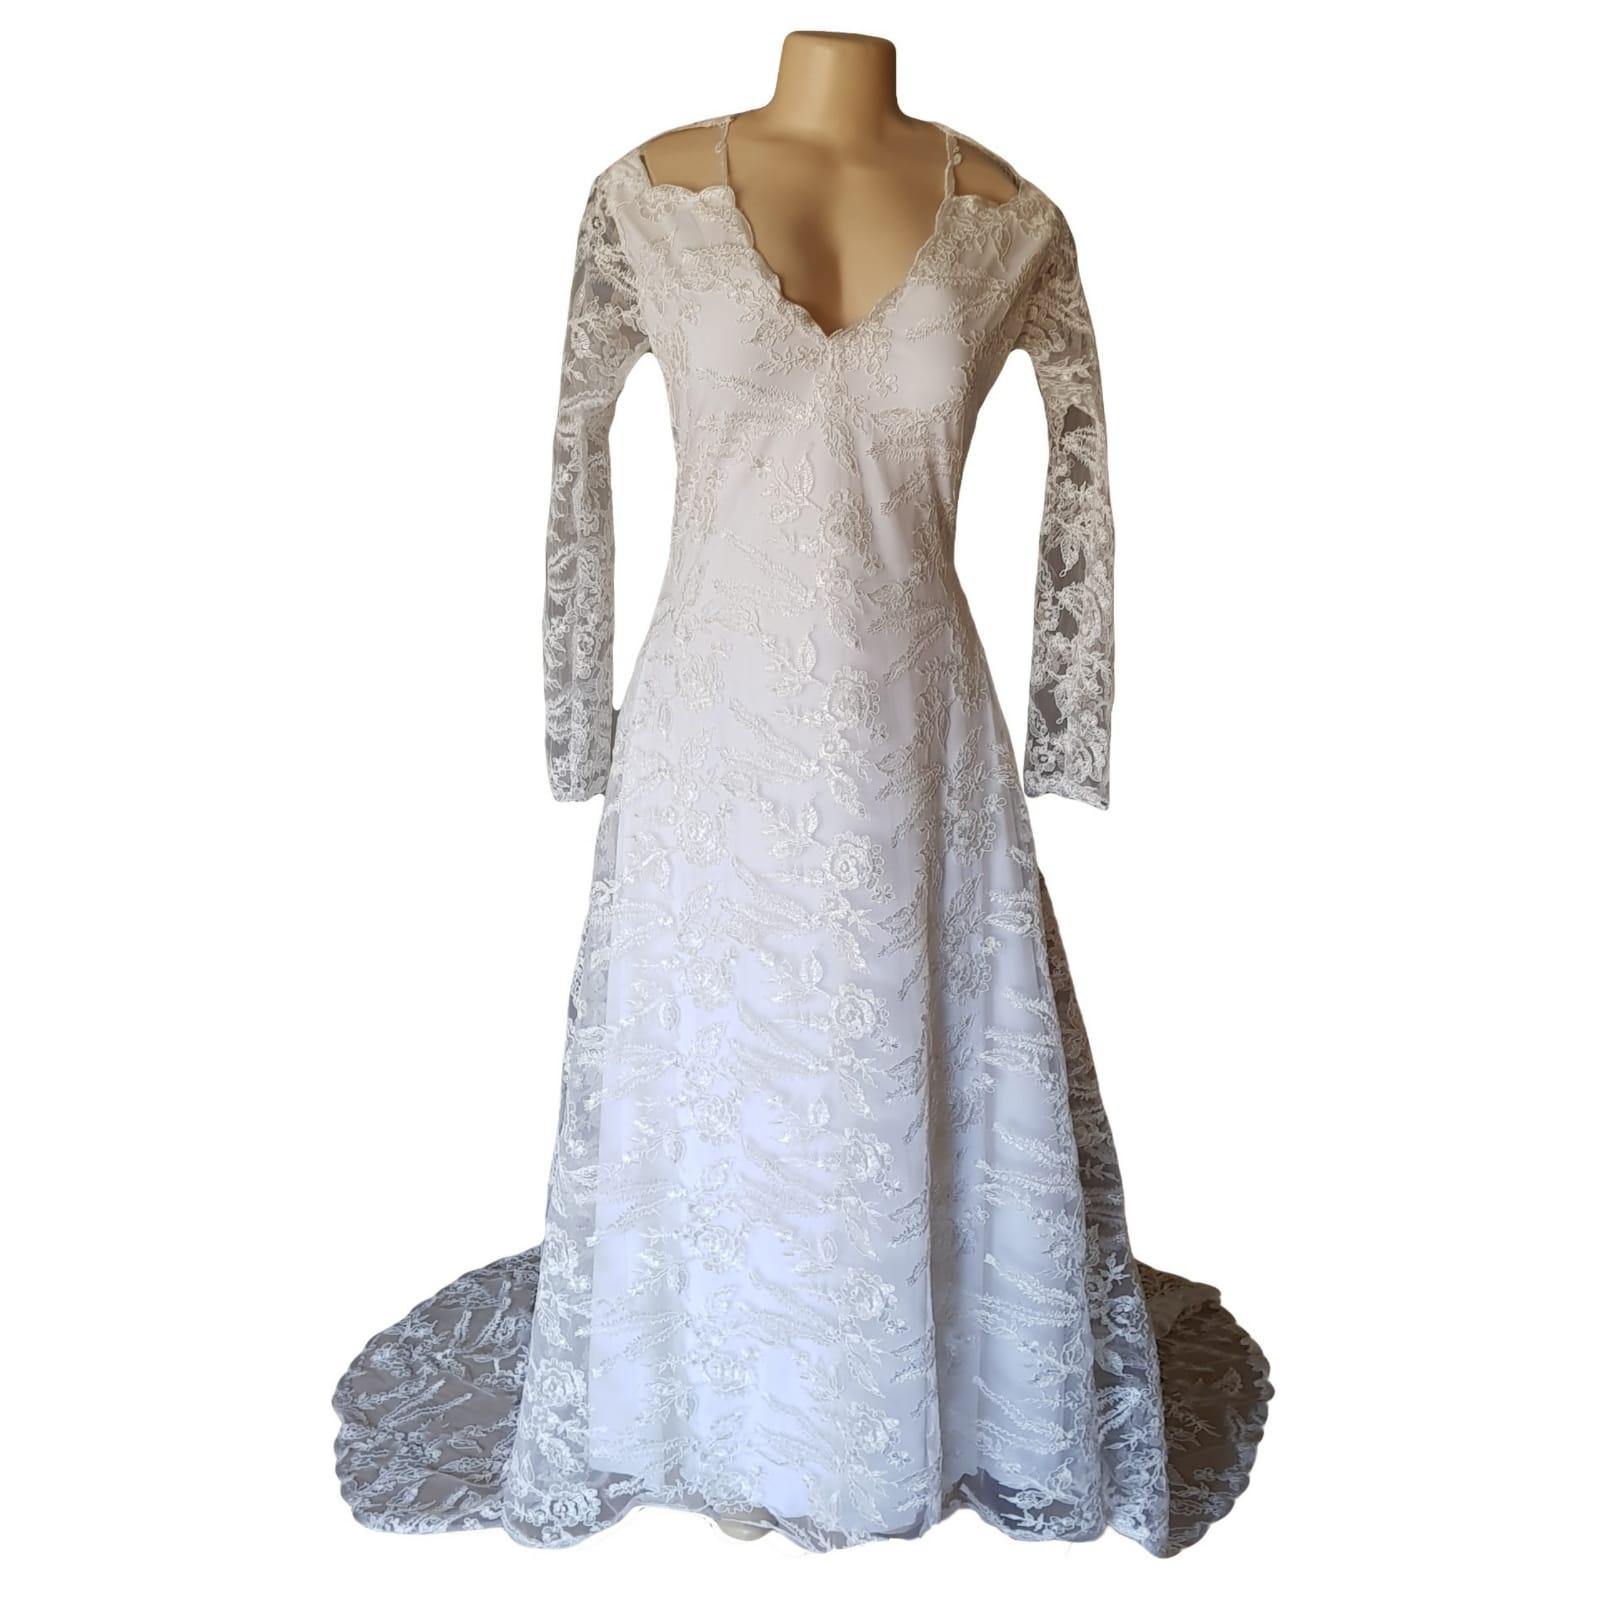 Vestido branco vintage de noiva de renda 6 vestido de noiva longo de renda branco, com decote da frente em v, decote das costas triangular aberto. Mangas longas de renda. Com estilho de ombro com abertura e cauda. Inspirado com estilo vintage.